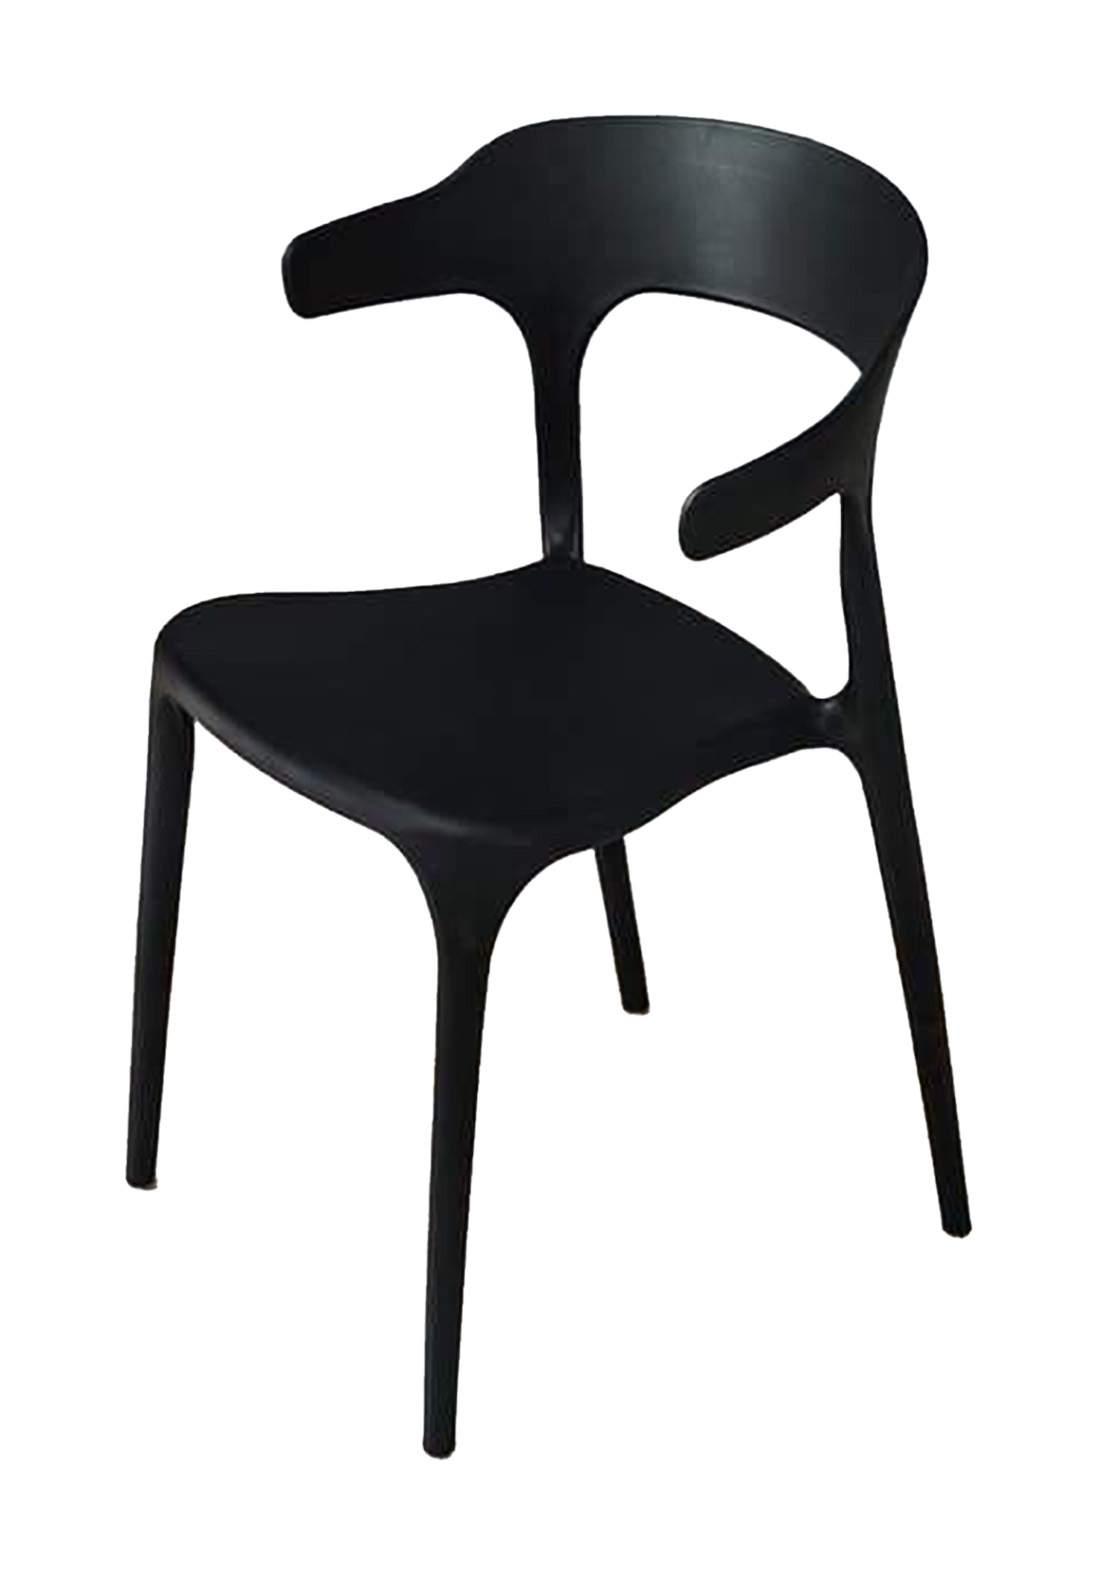 كرسي ڤيلا من سامبا هوم